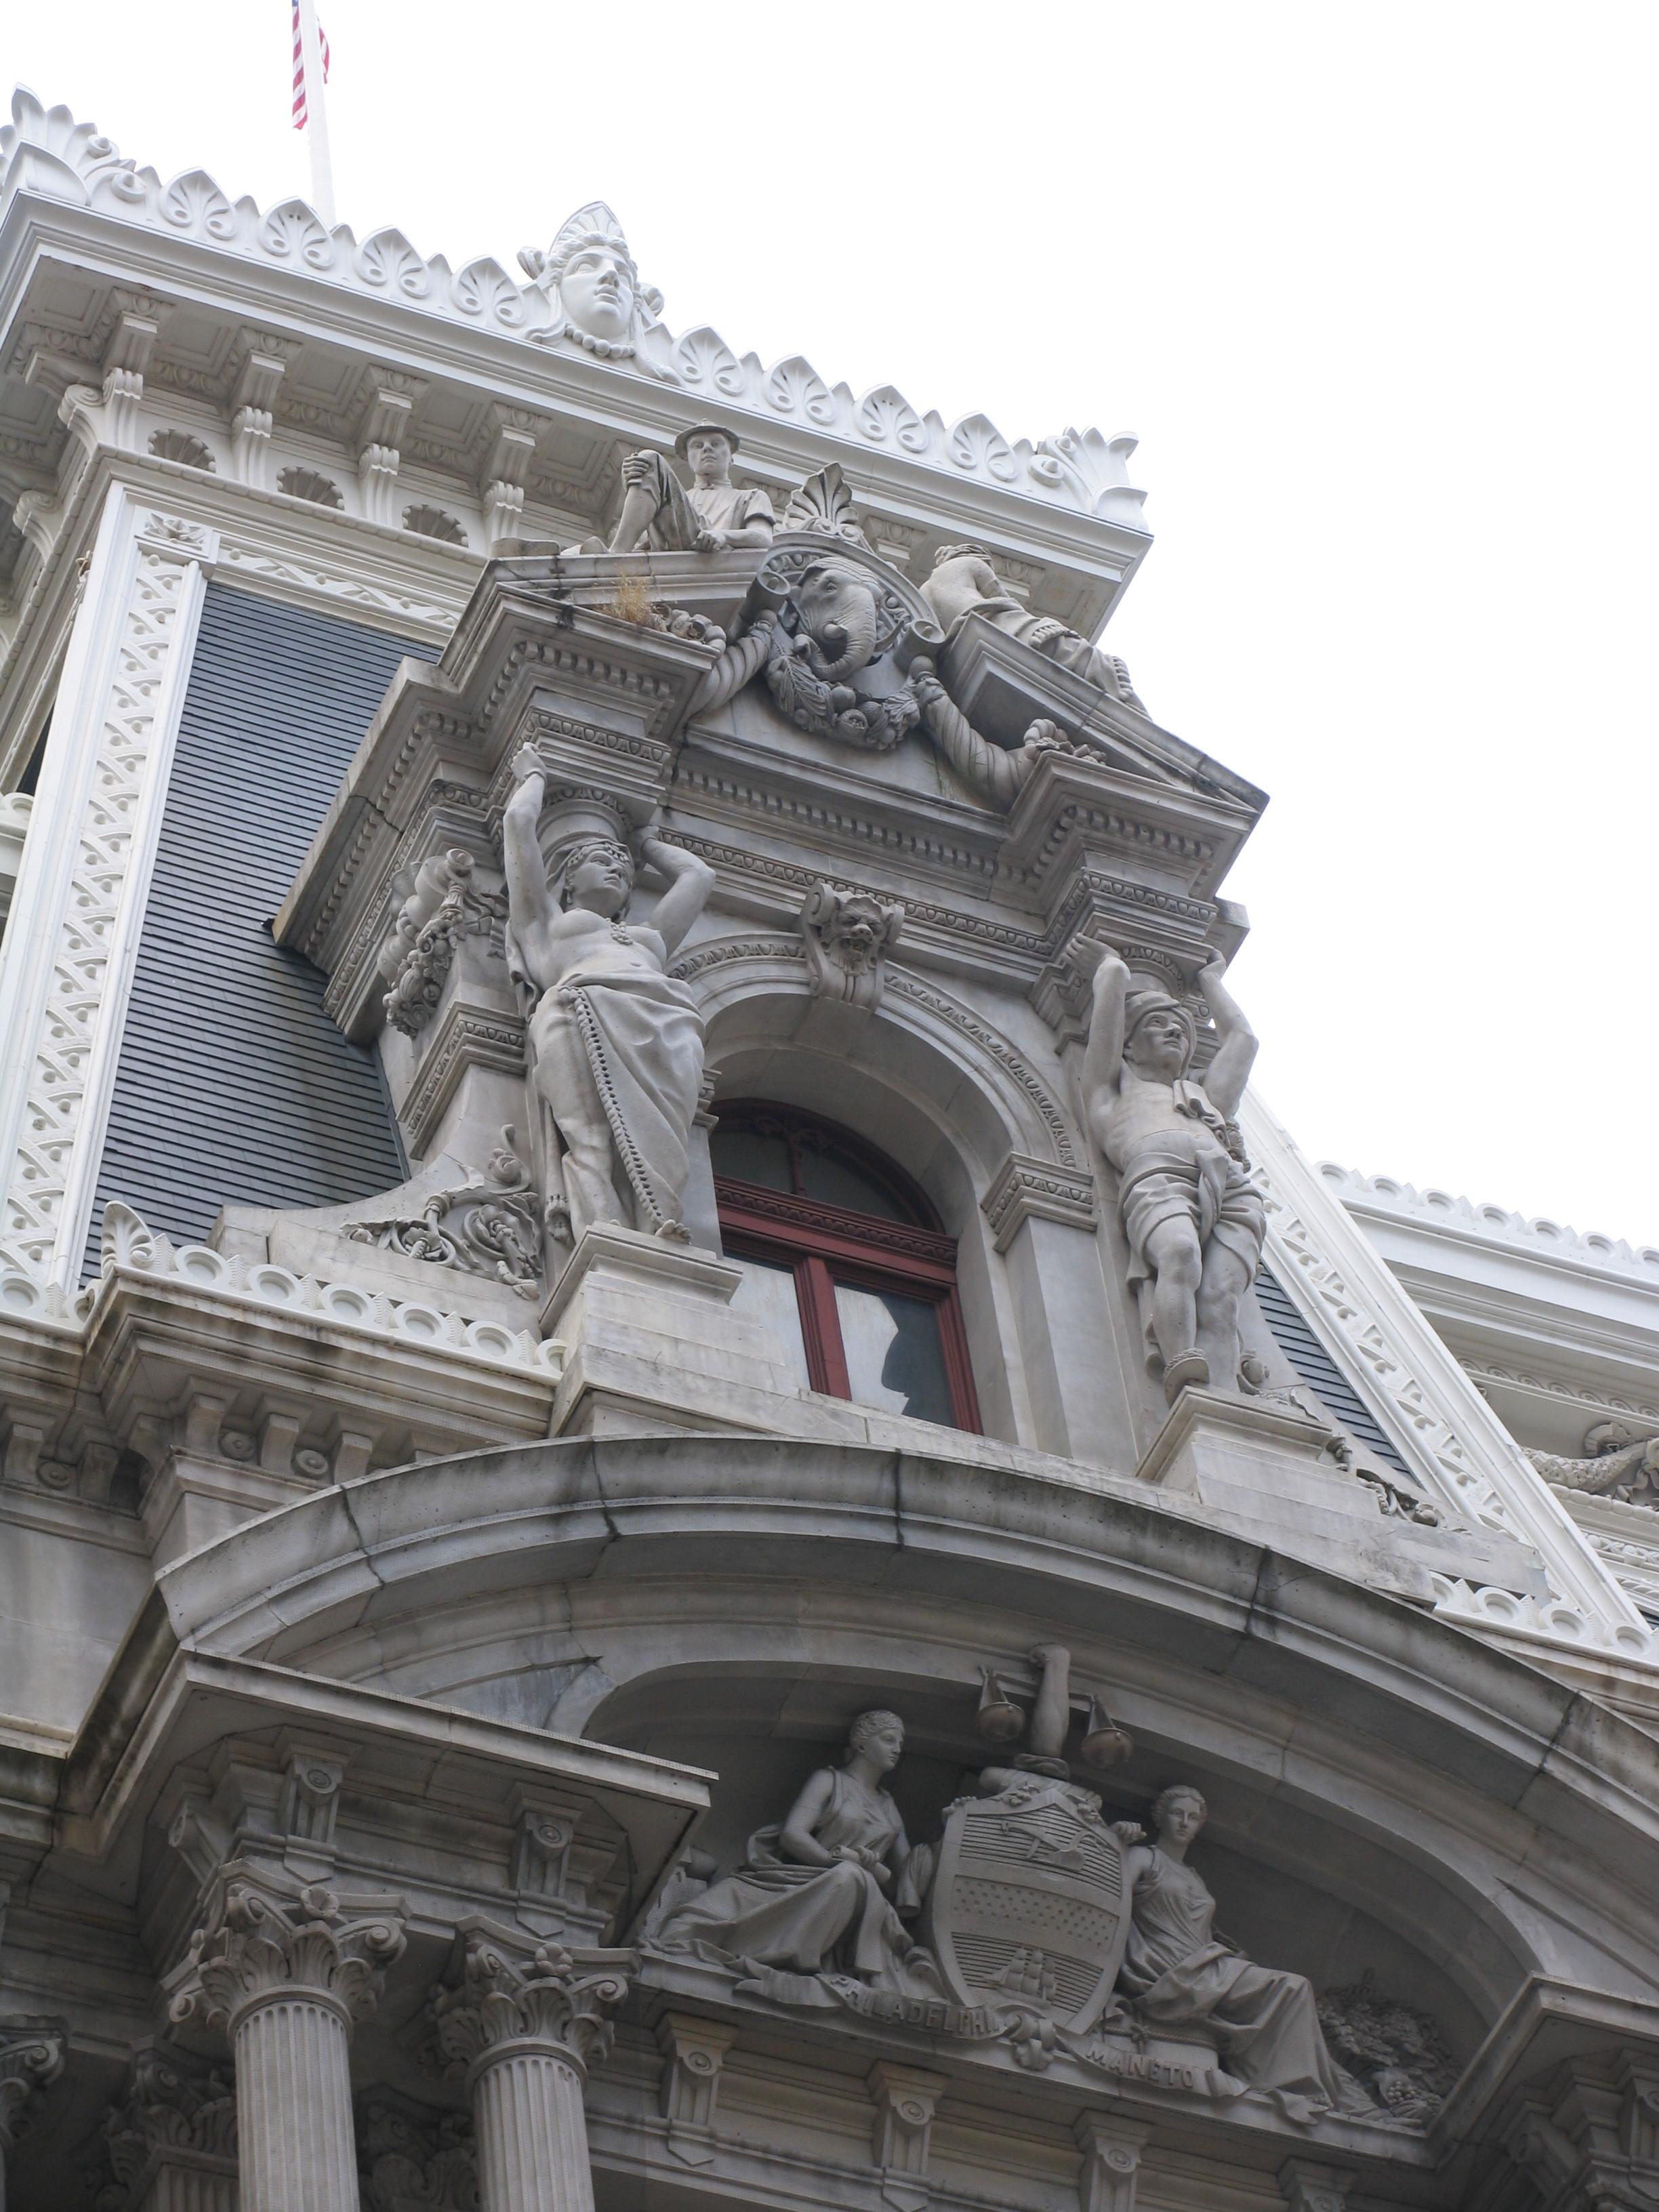 скульптуры на фасаде здания